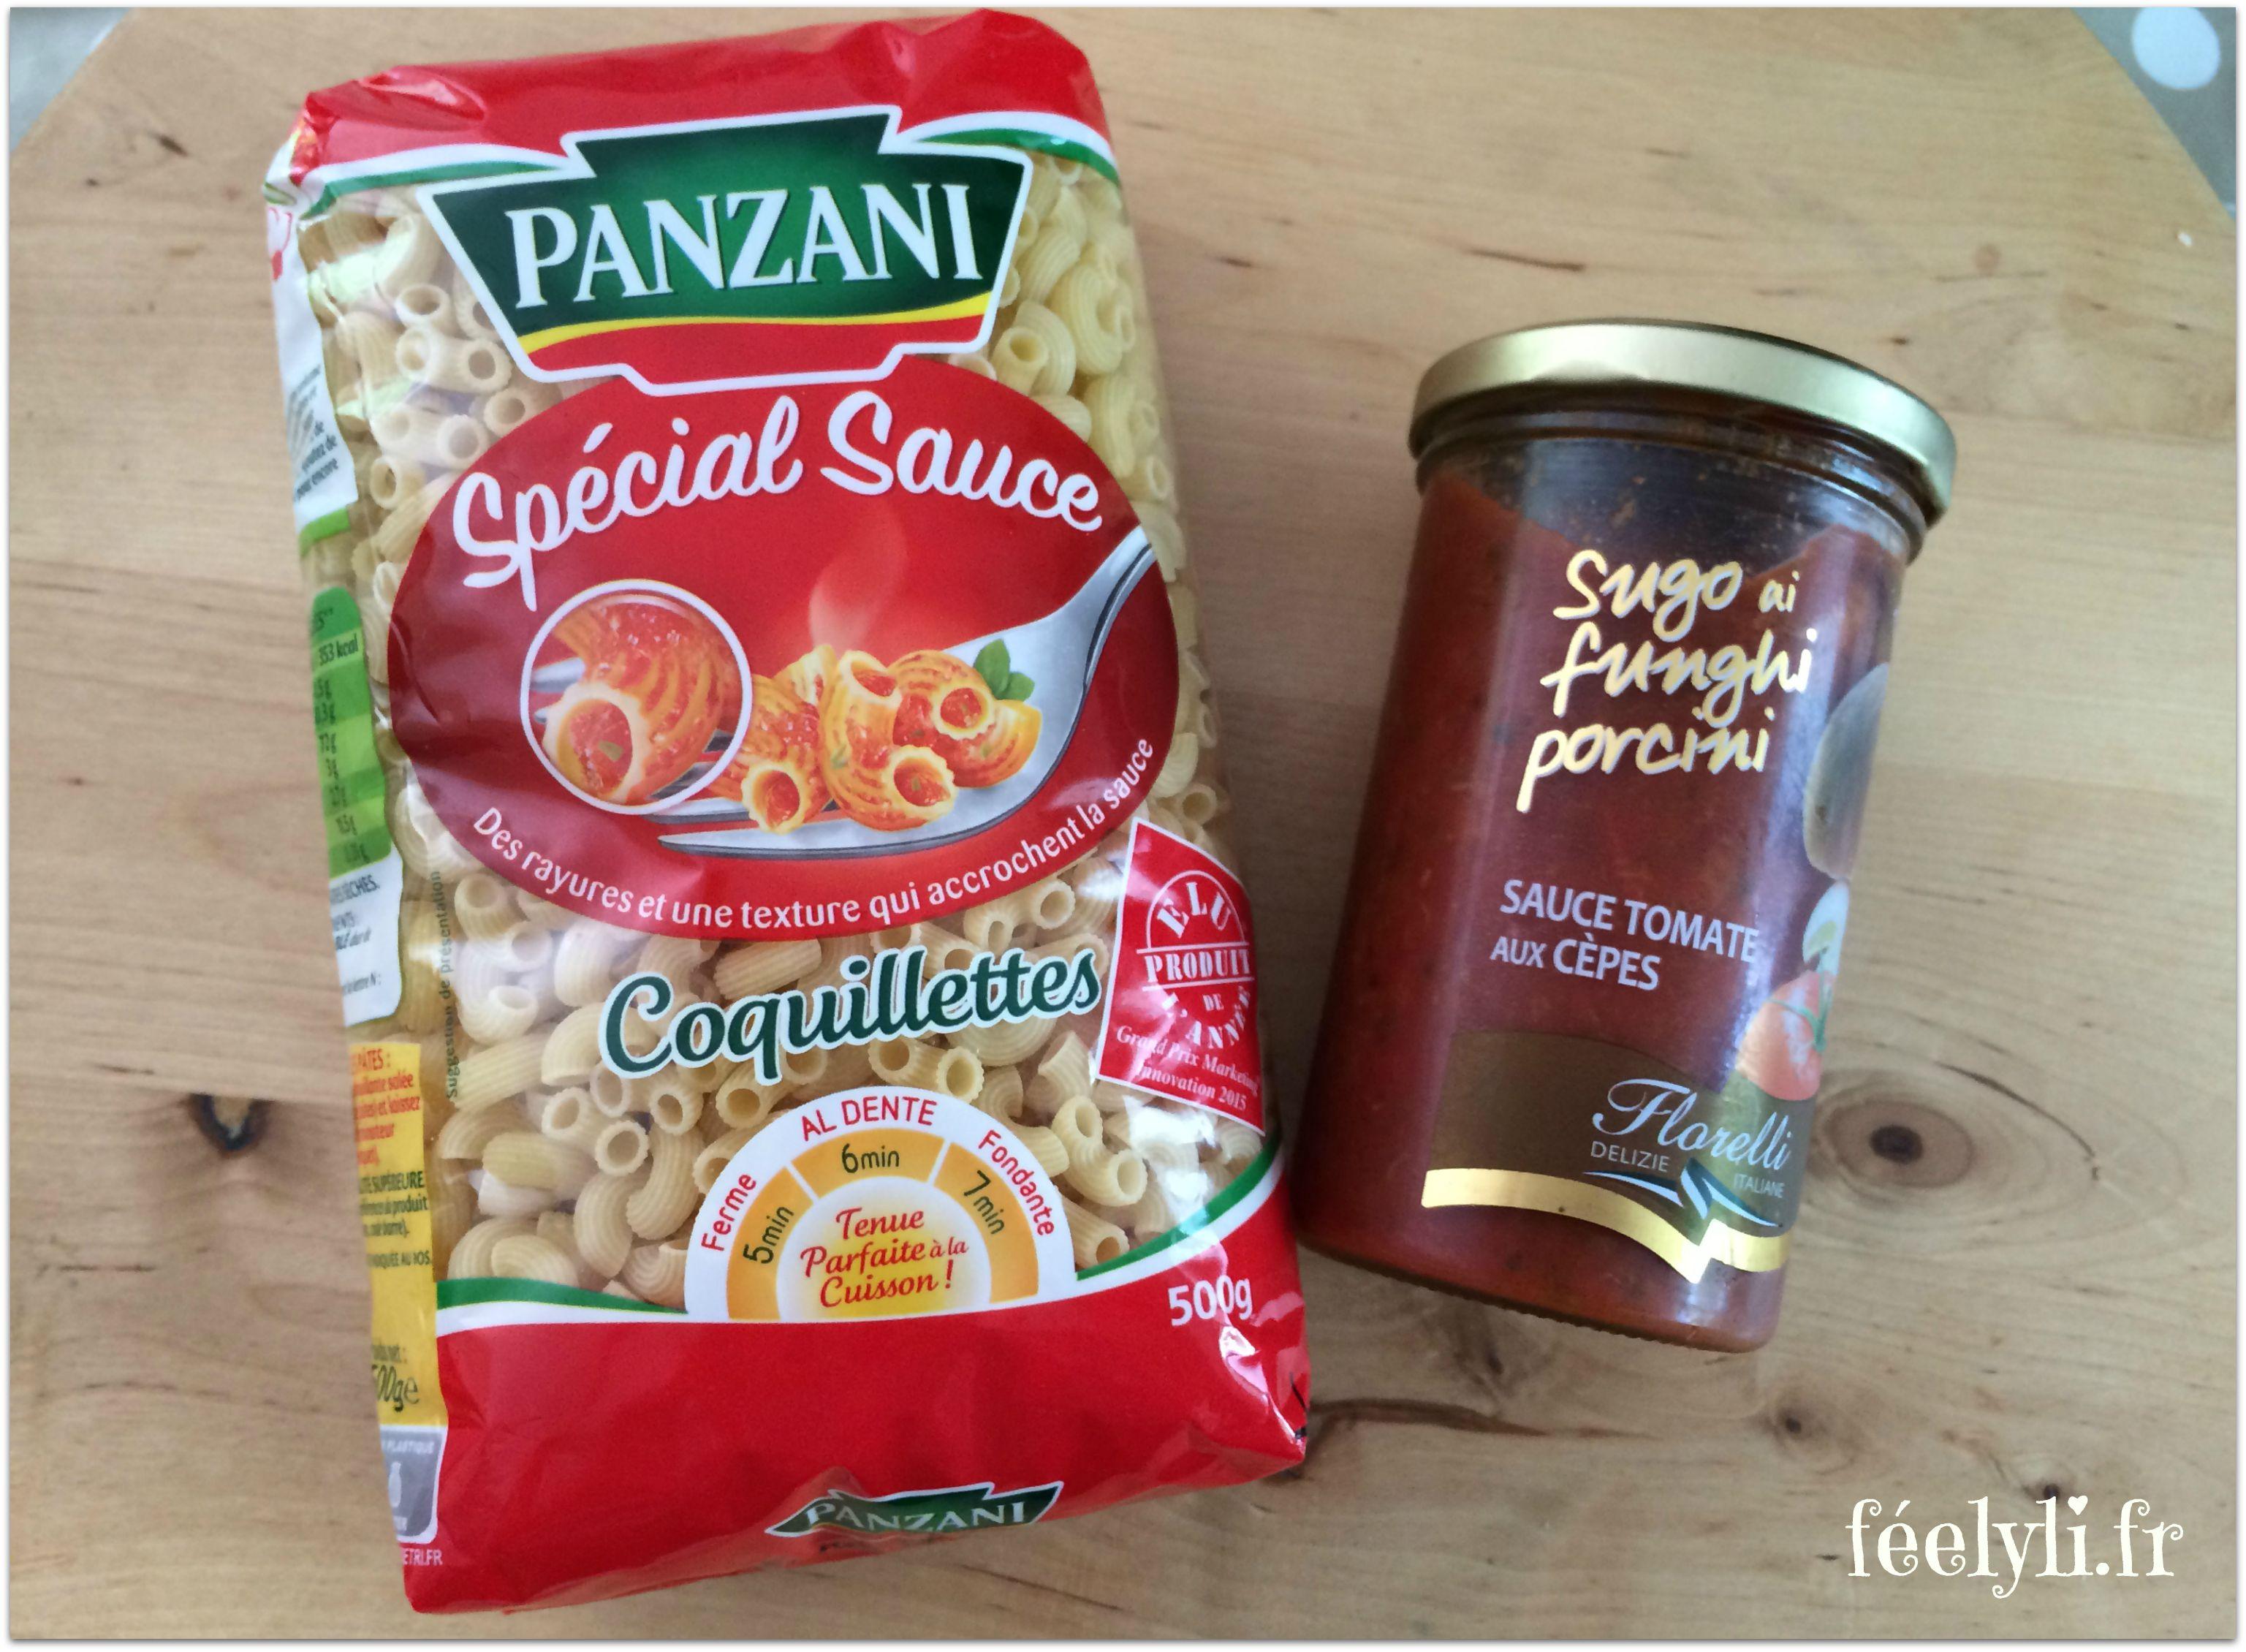 sauce florelli et panzani